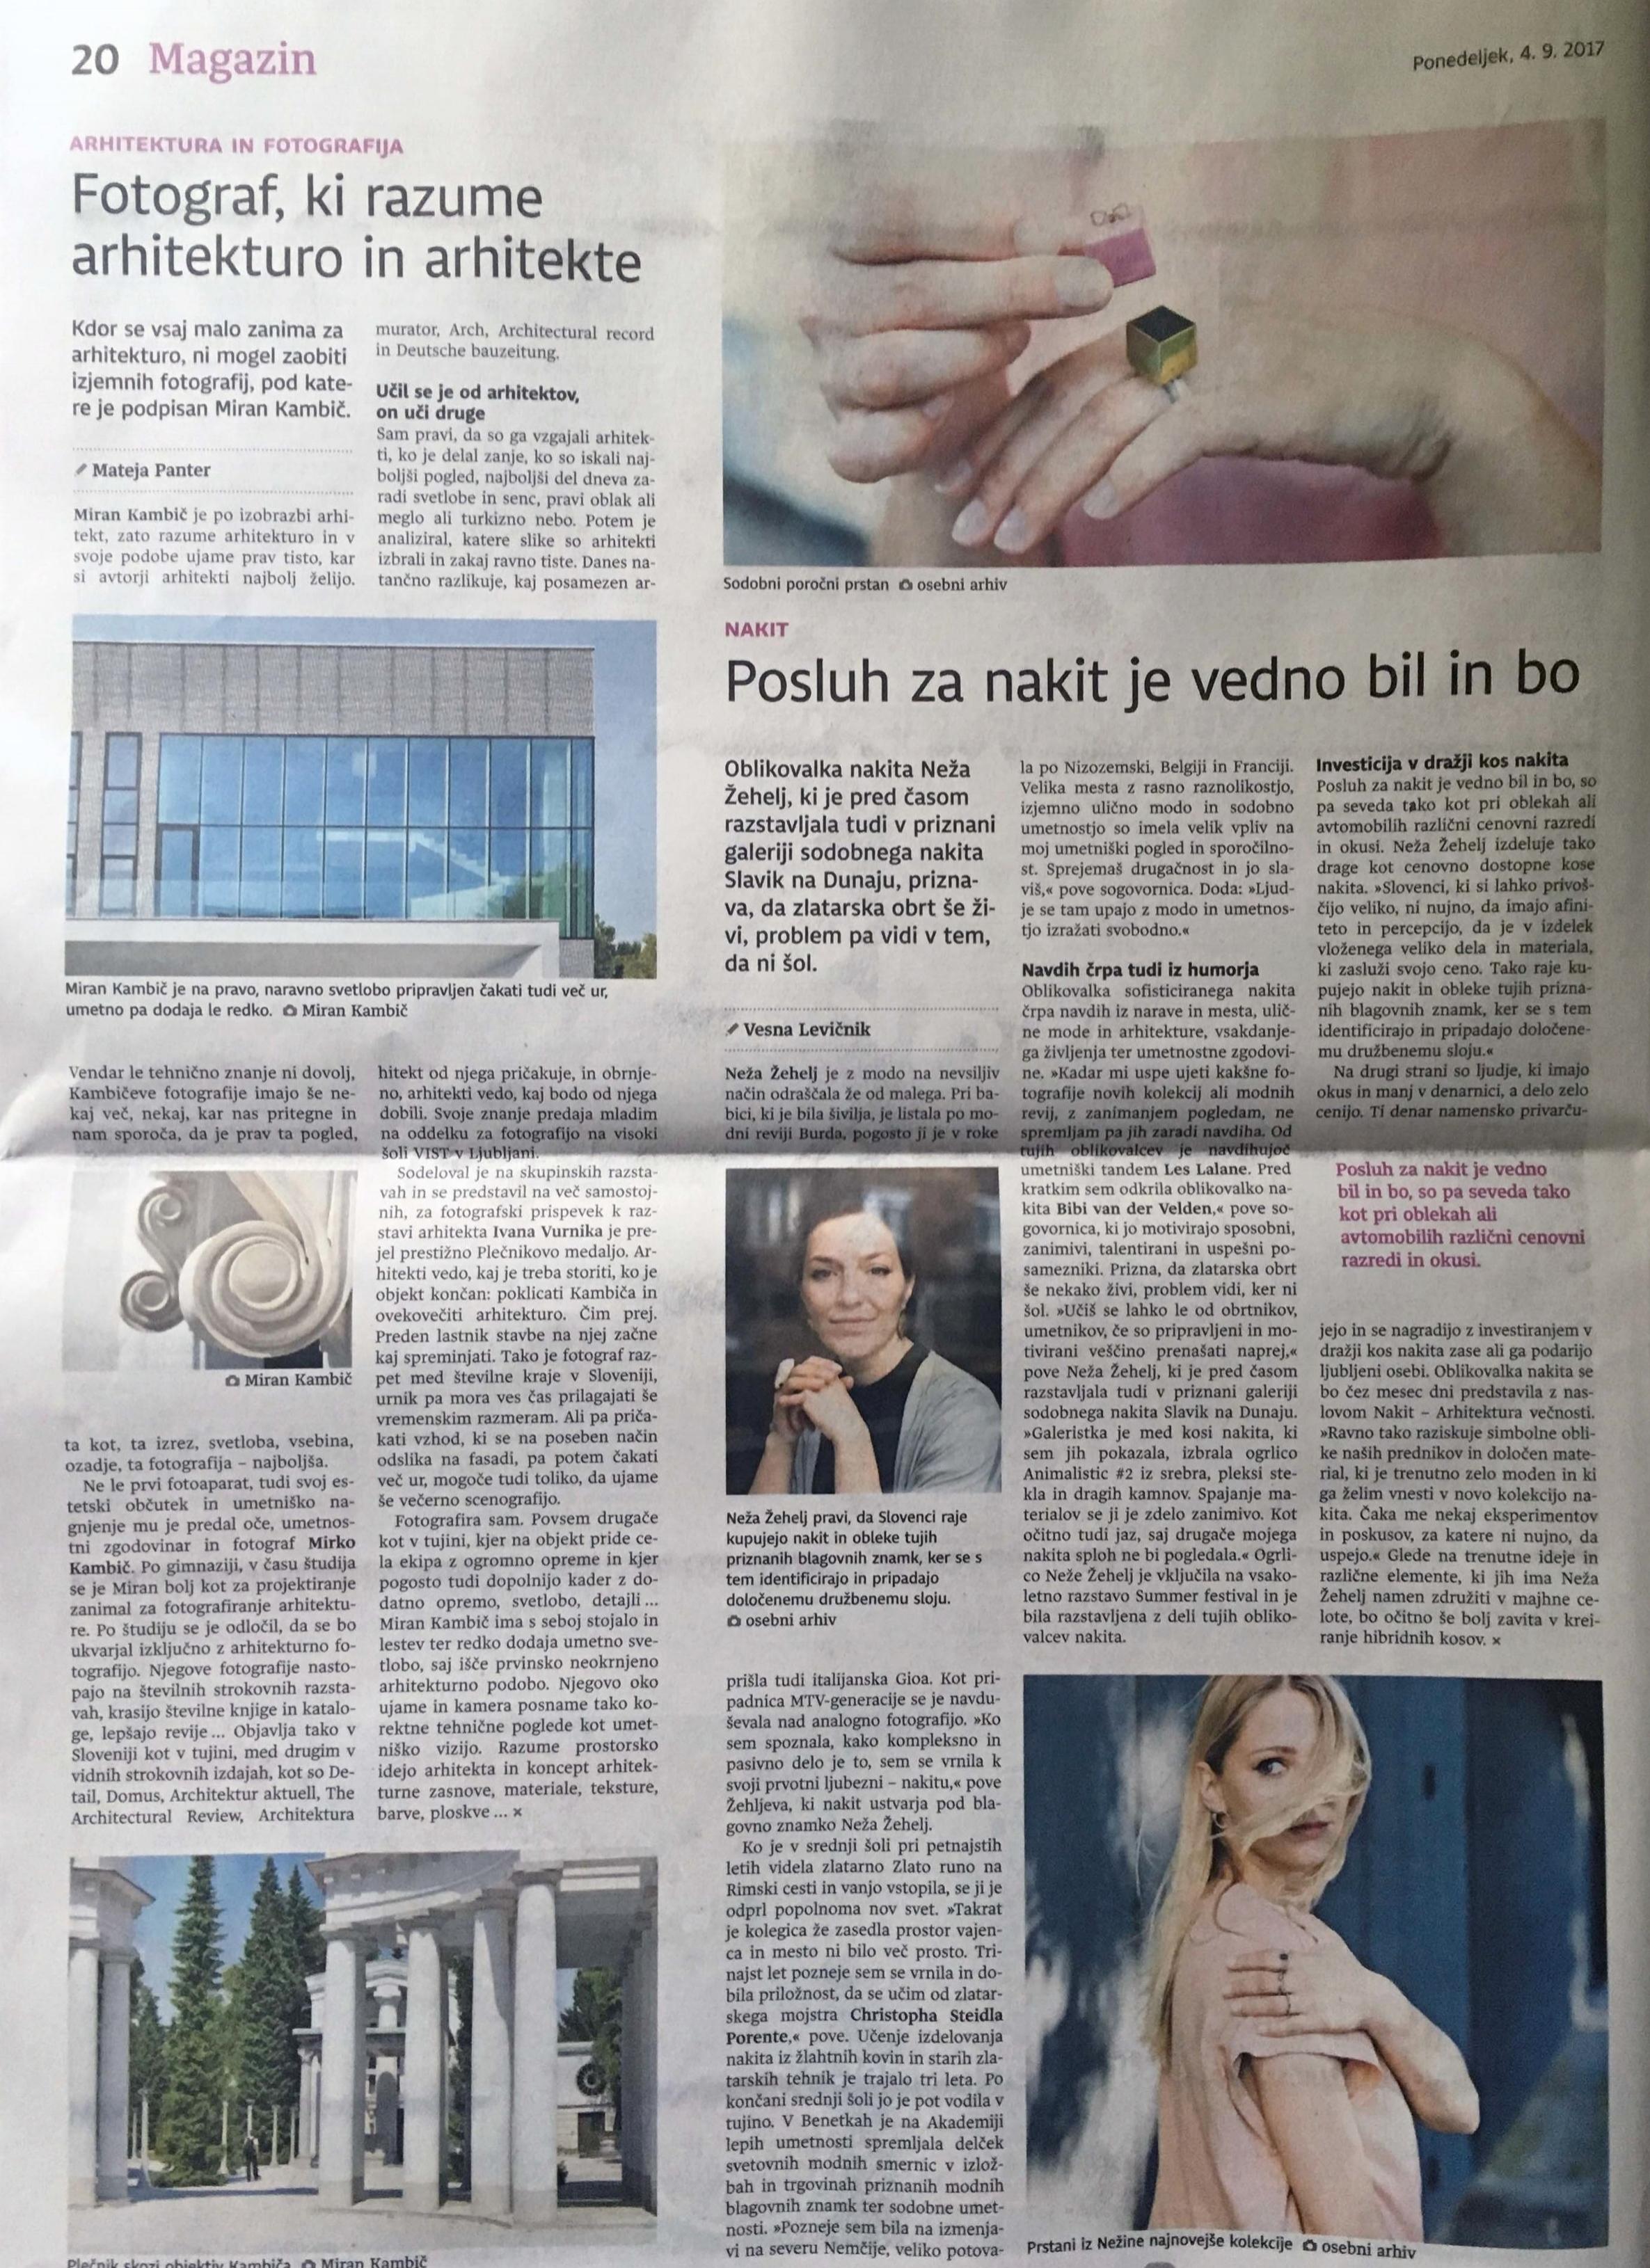 - DNEVNIK newspaper